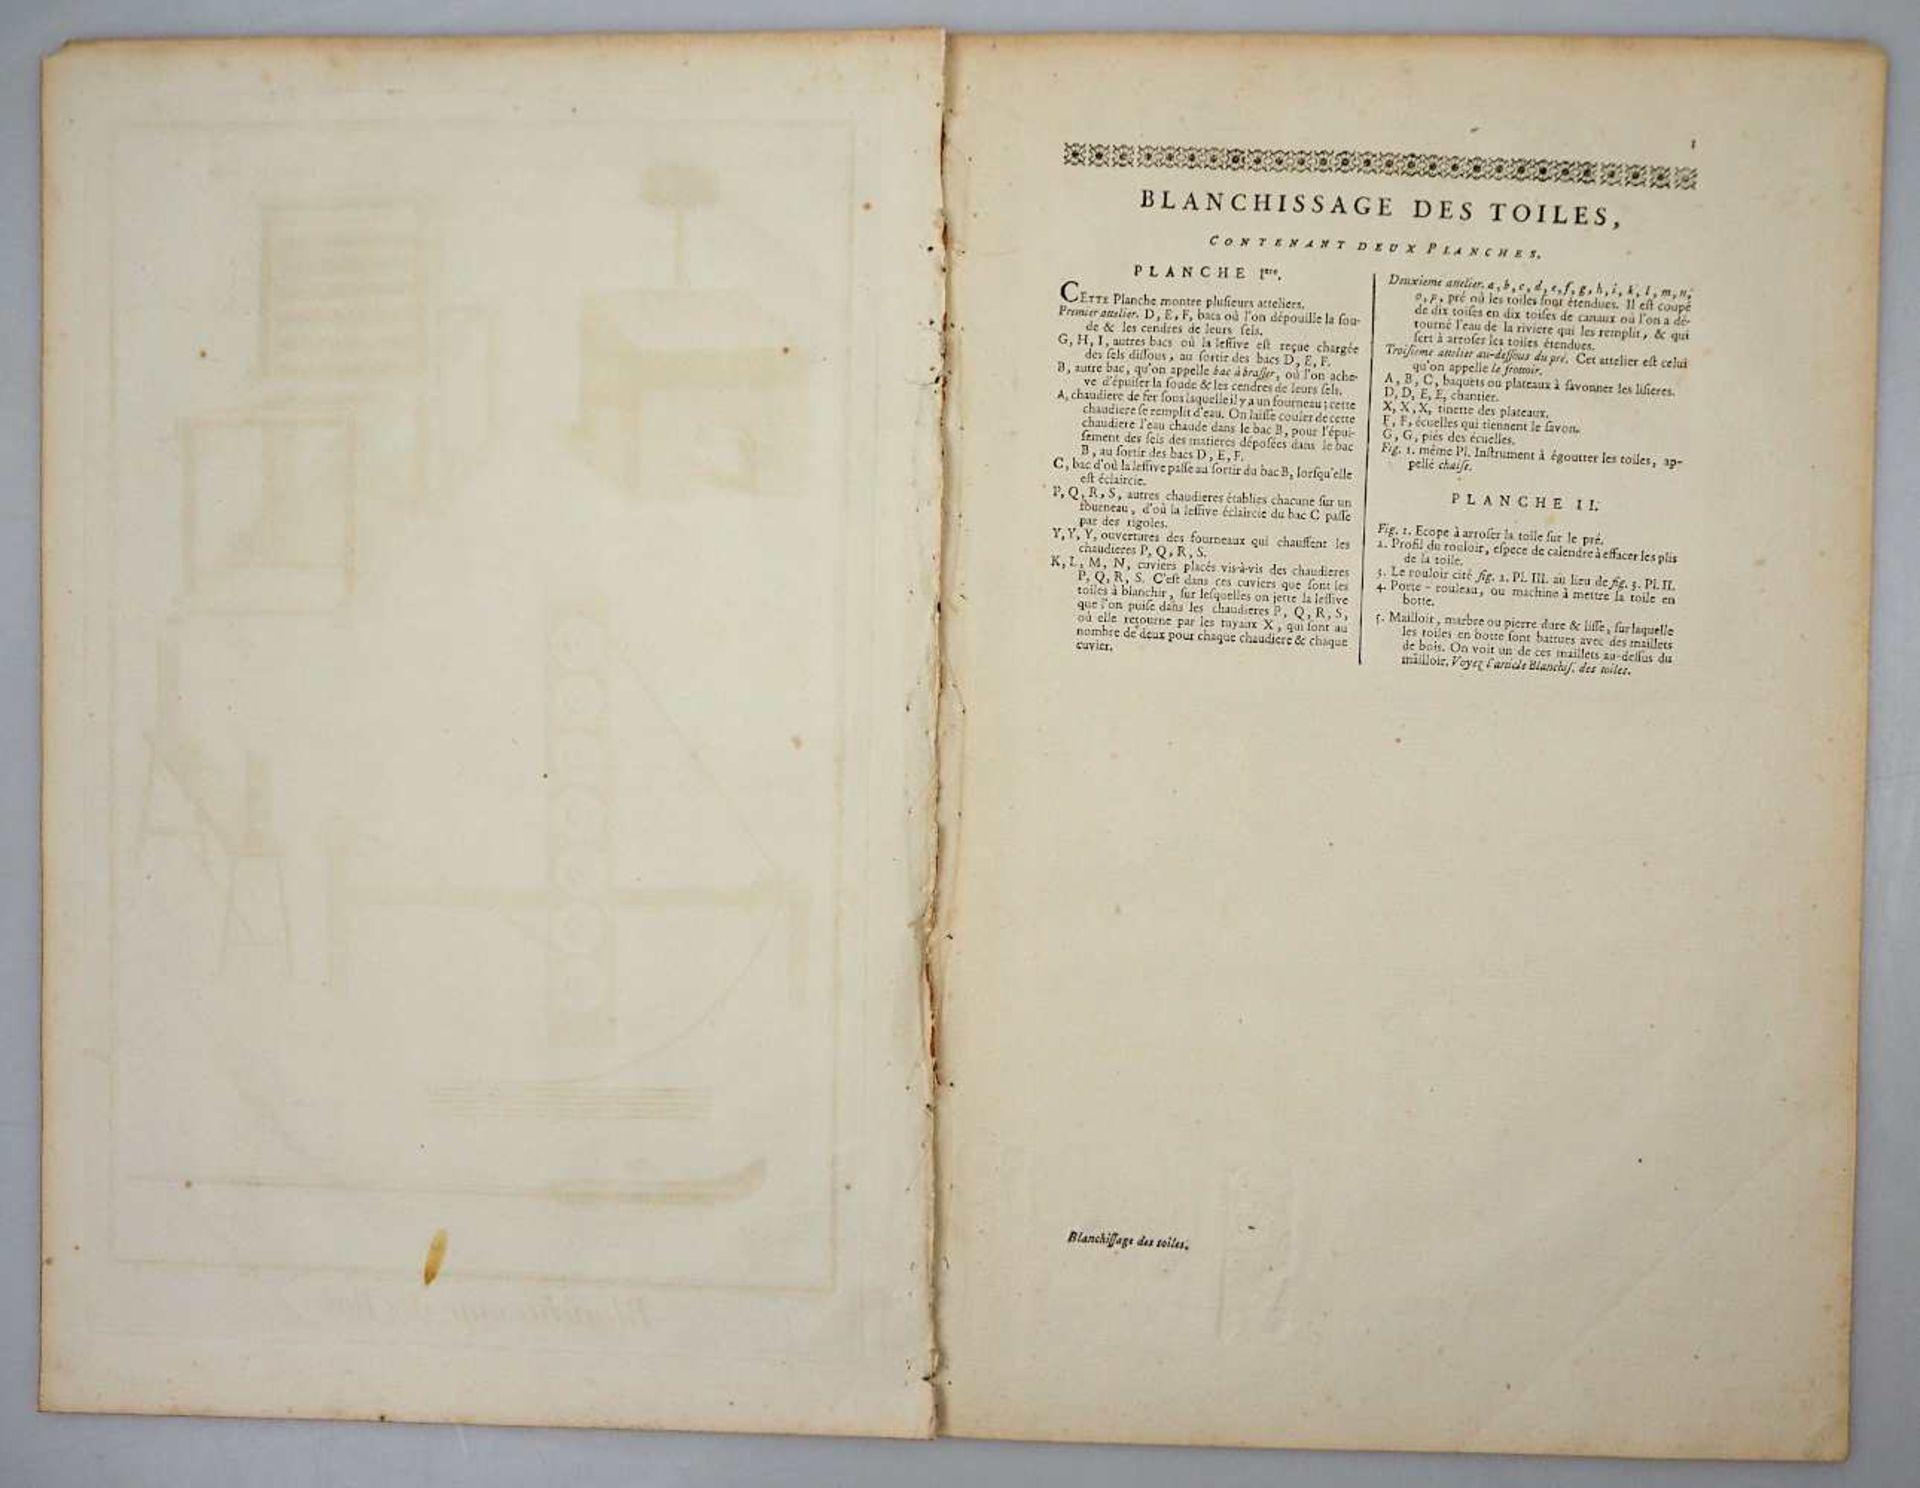 """2 Kupferstiche """"Blanchissage des Toiles (Waschen und Bleichen von Leinen)"""" L.u. bez. GOUSSIE - Bild 2 aus 2"""